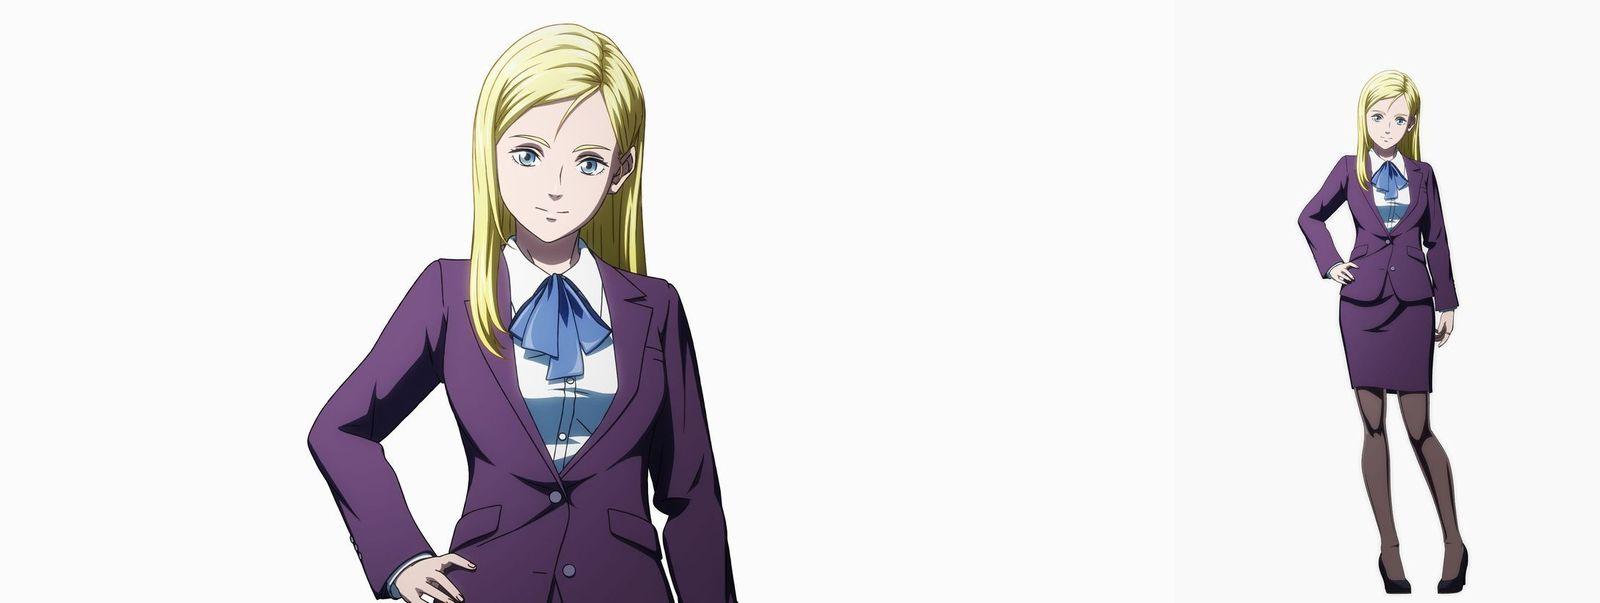 『Ingress』がついにアニメ化!アニメキャラクターによるAR舞台挨拶を実施!